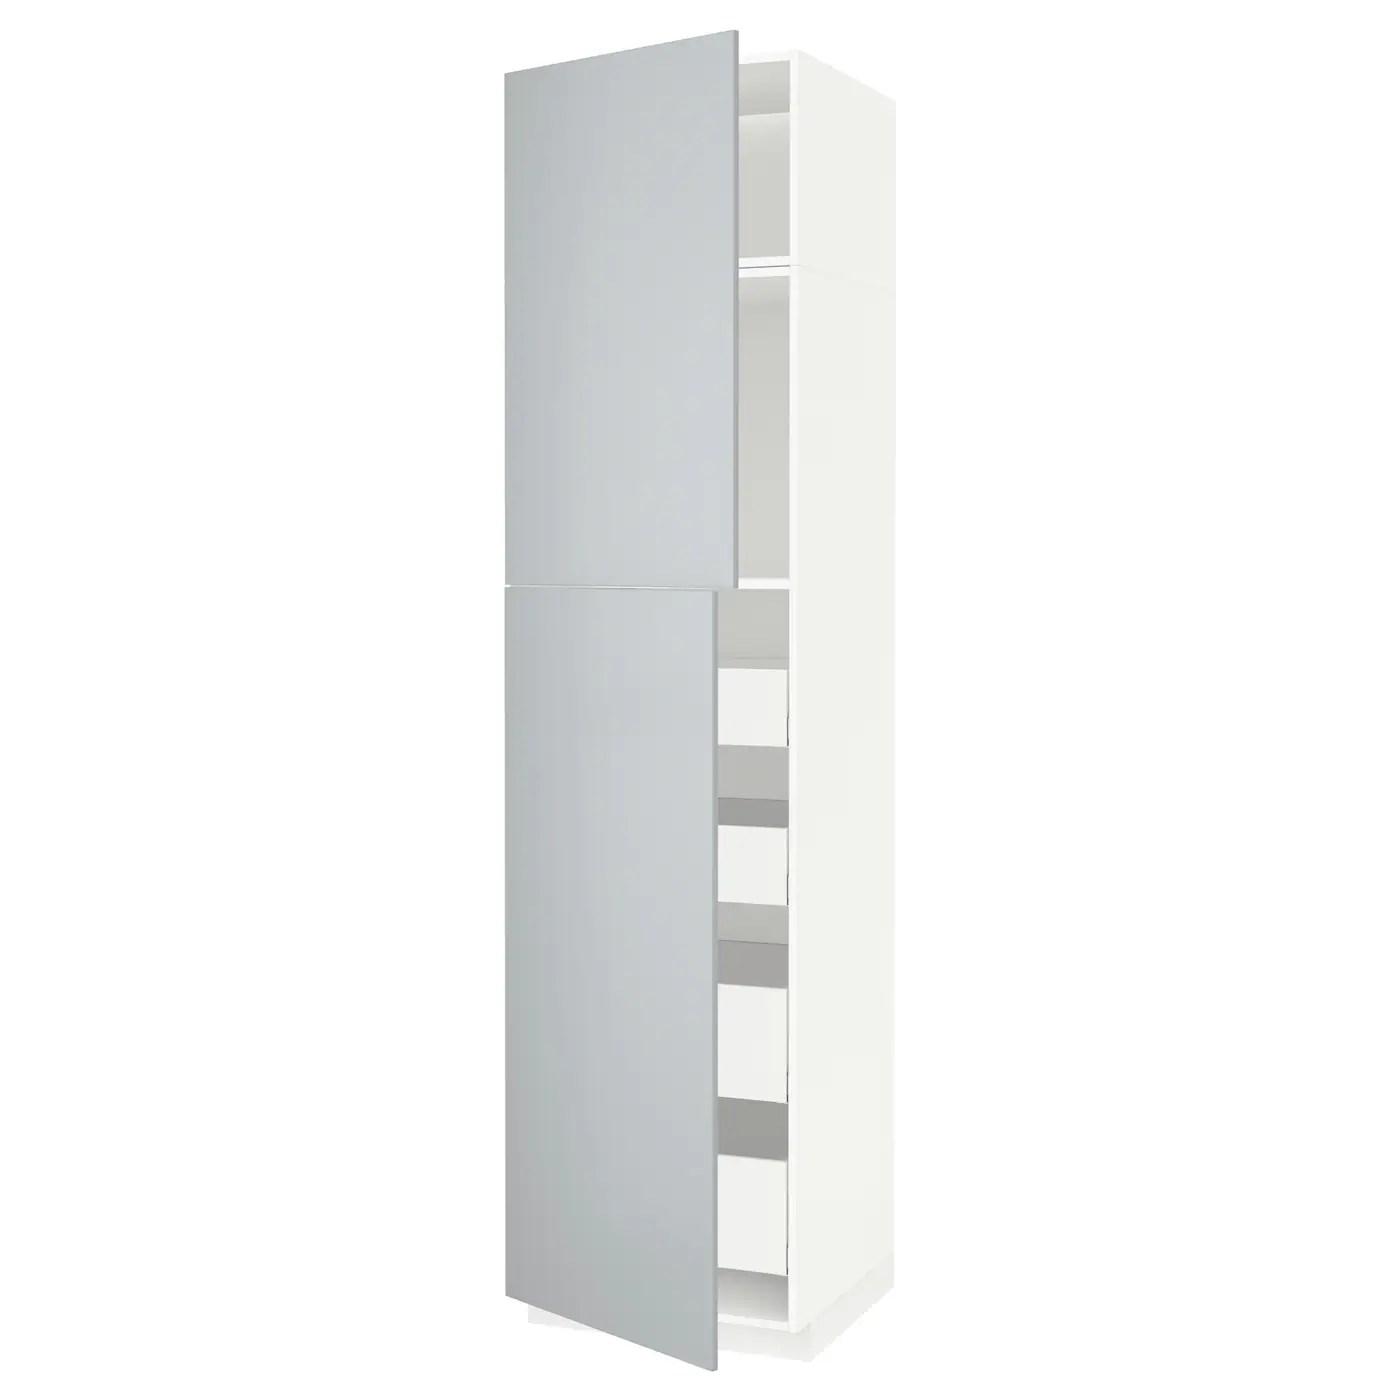 Metod Maximera Armoire 2 Portes 4 Tiroirs Blanc Veddinge Gris 60x60x240 Cm Ikea